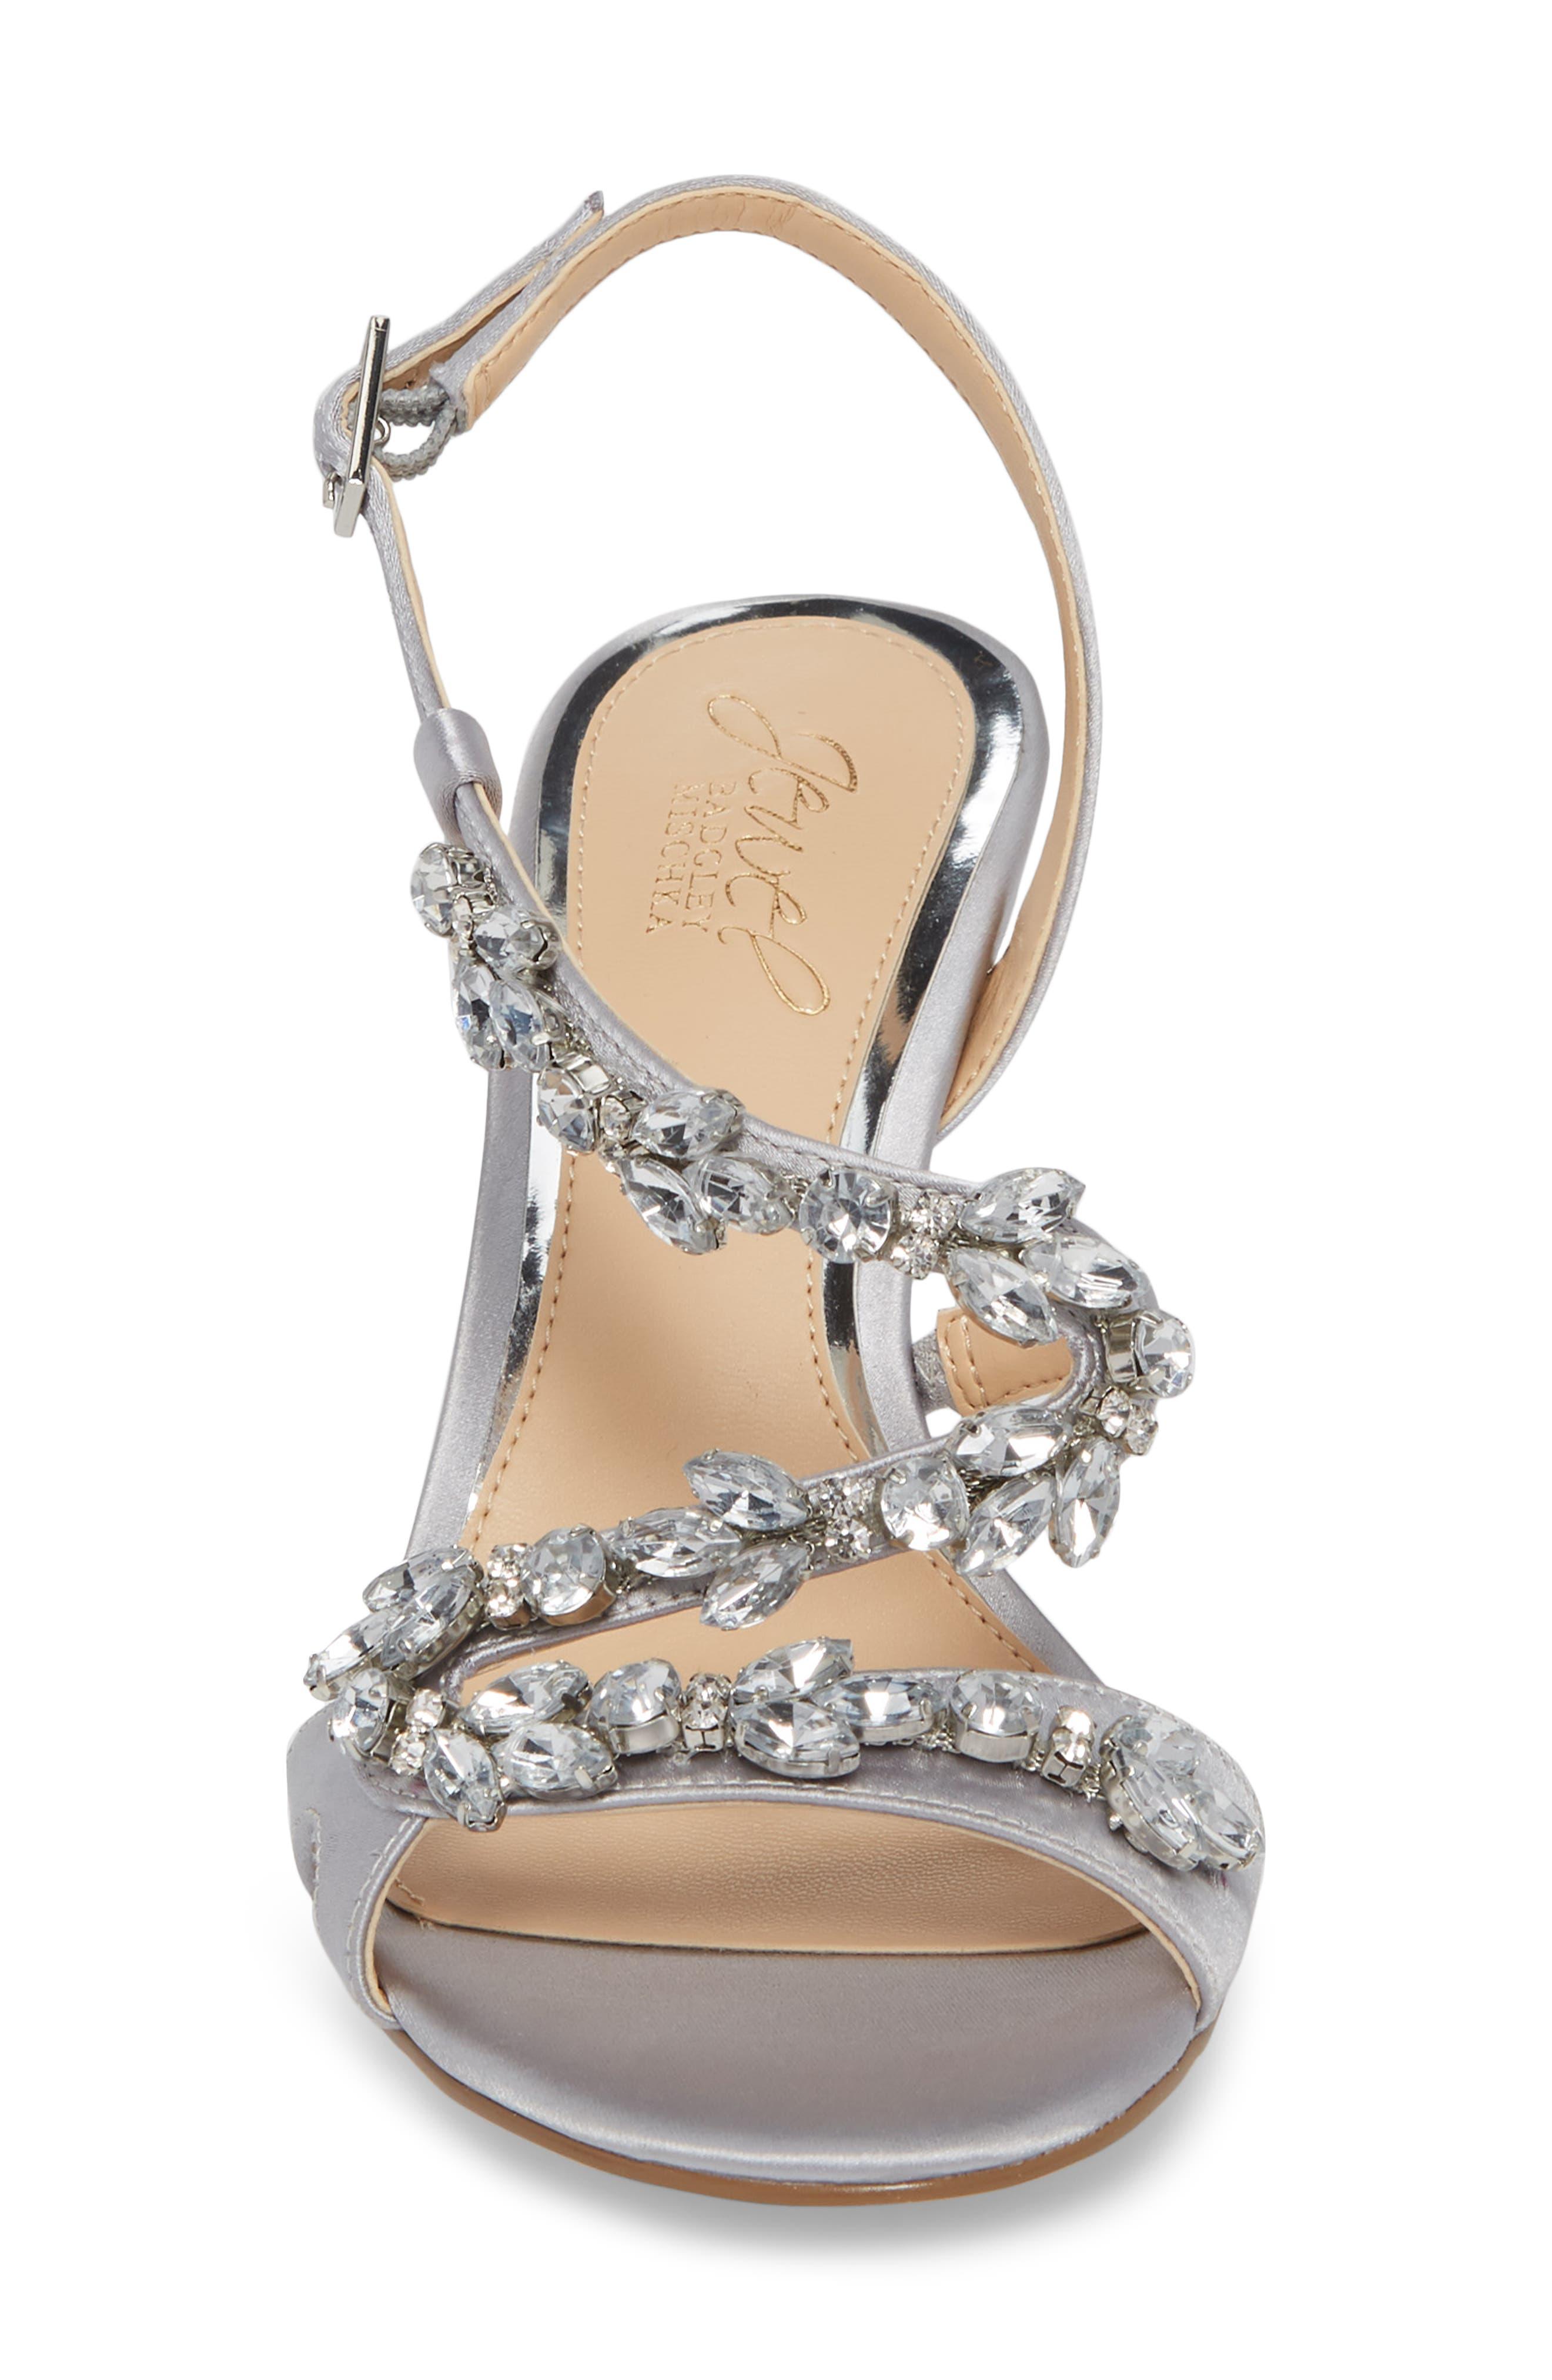 Badgley Mischka Ganet Embellished Sandal,                             Alternate thumbnail 4, color,                             Silver Satin